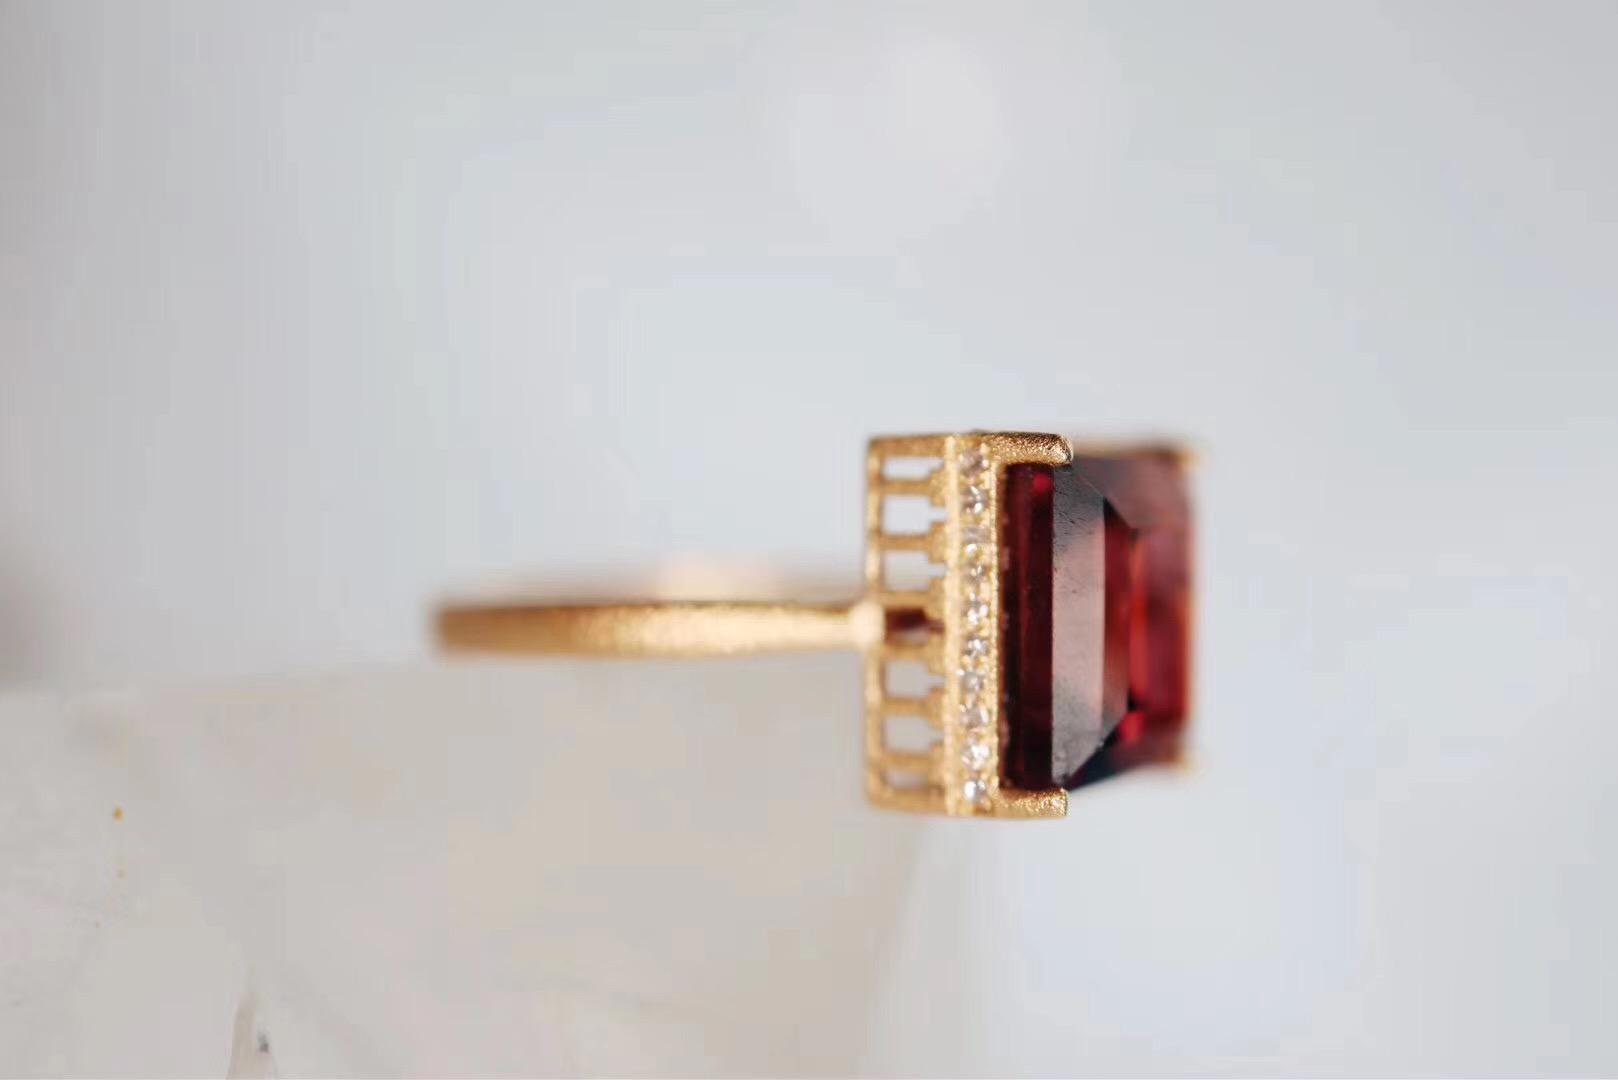 【红碧玺】模型玩多了,建筑风的戒指必须来一个-菩心晶舍